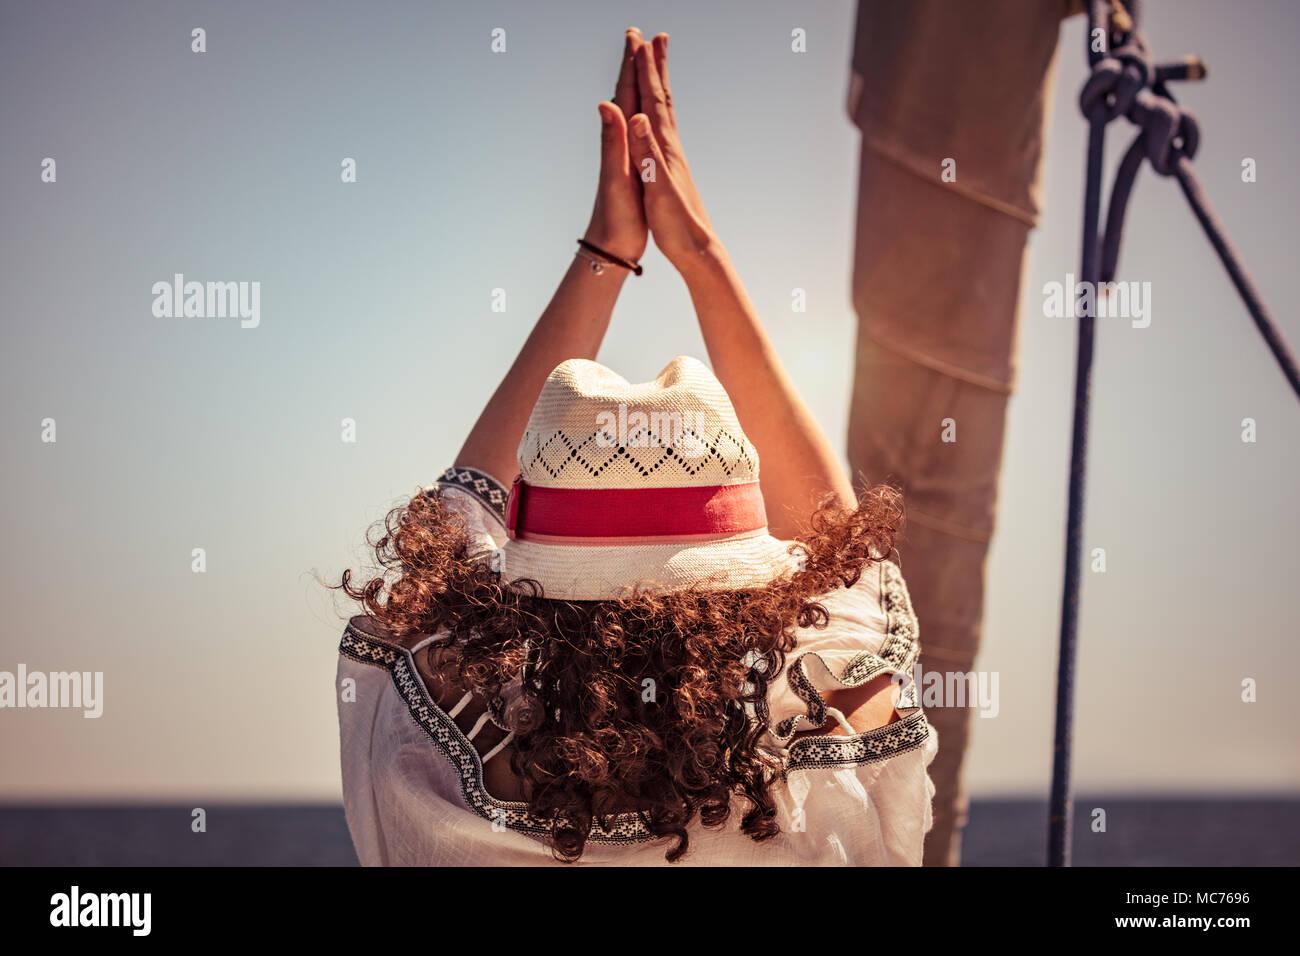 Femme faisant des exercices de yoga, vue arrière d'une femme debout dans l'asana yoga sur le voilier entre mer, purification de l'aura, méditant sur locations Photo Stock